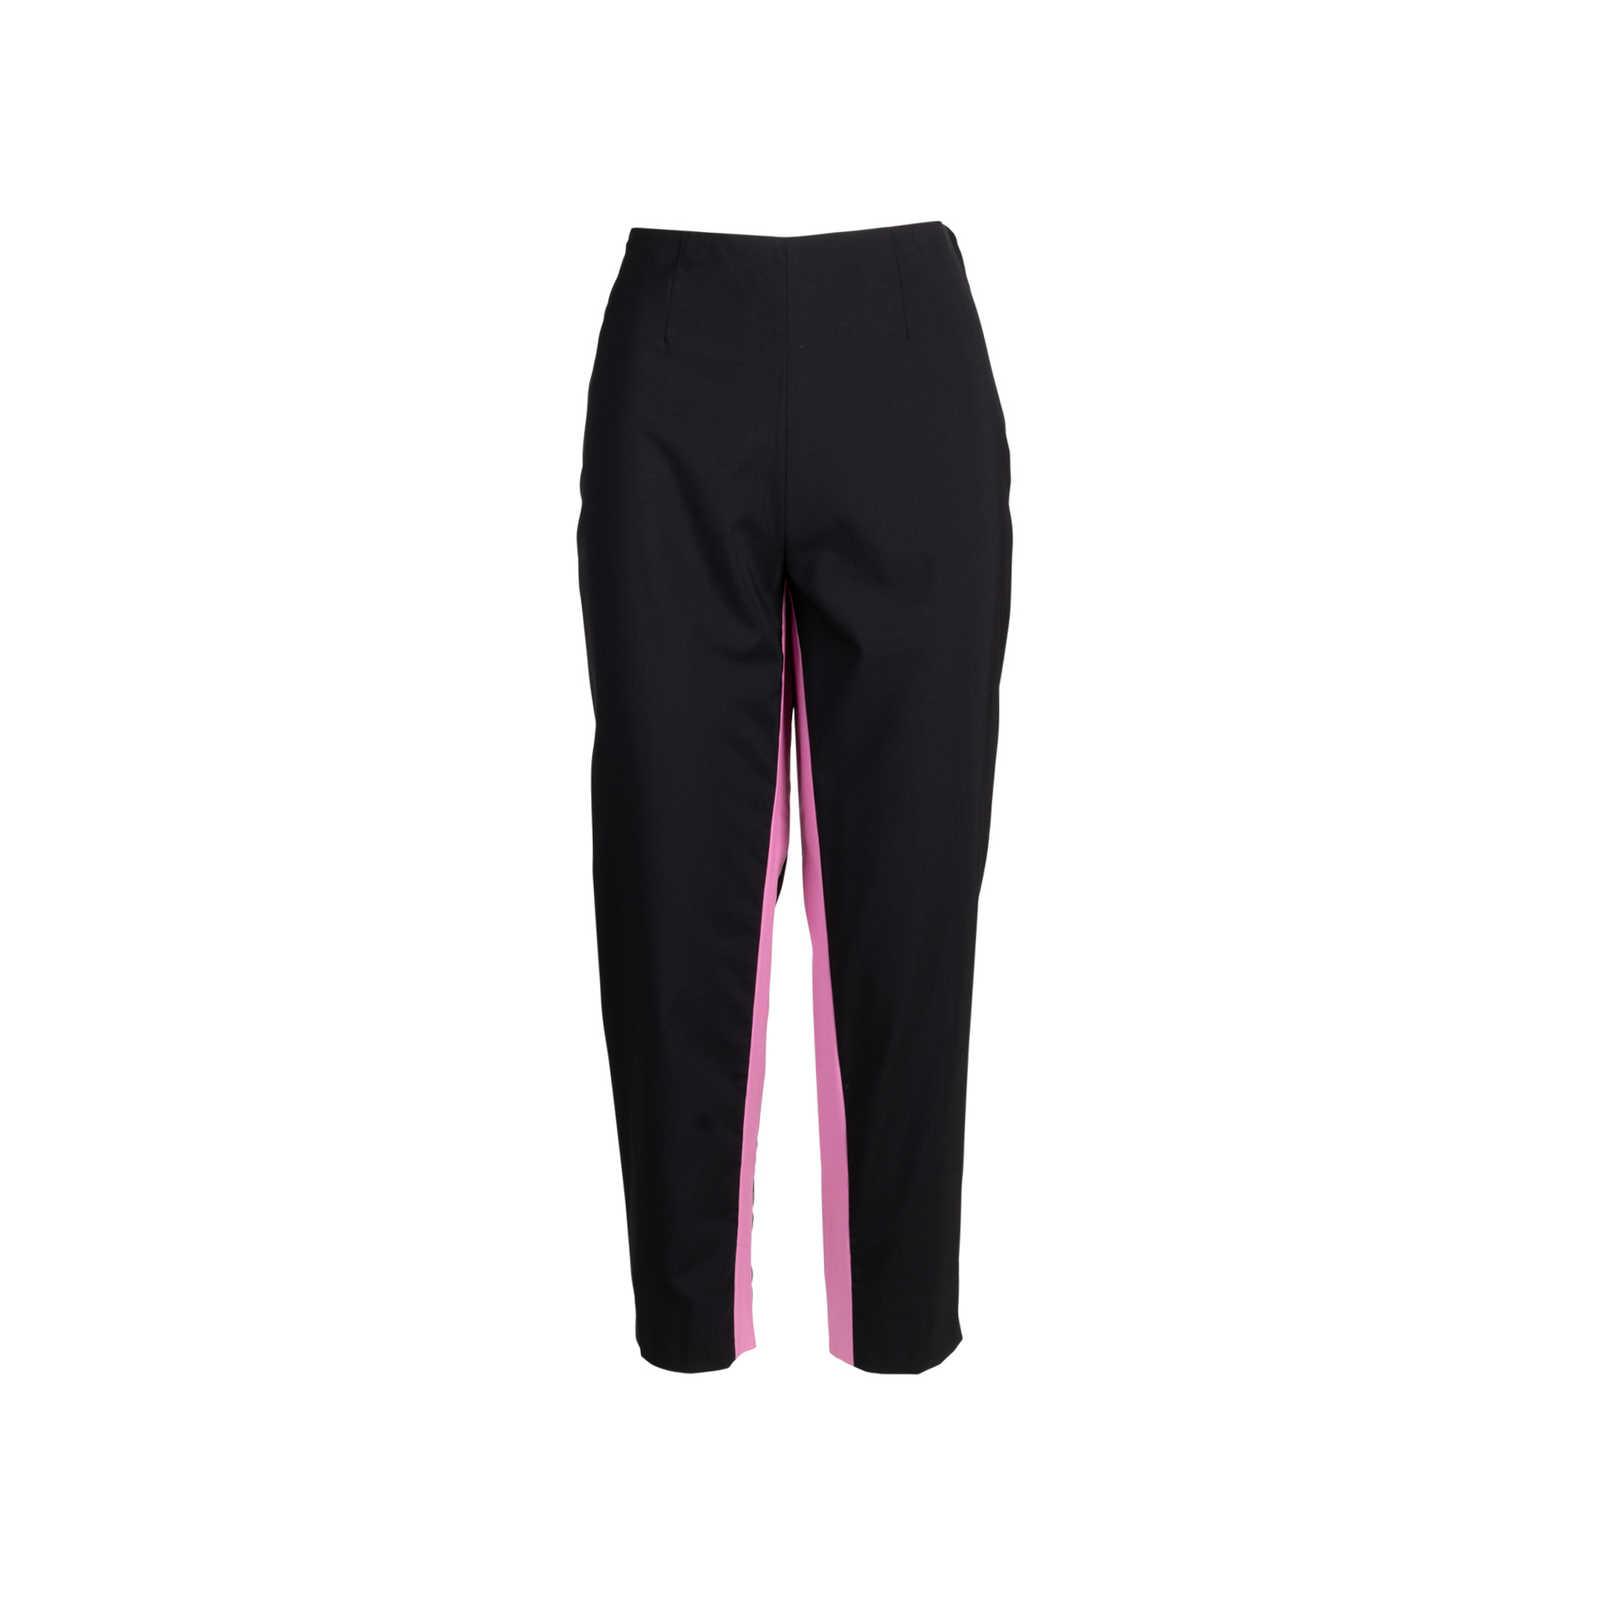 d43e965441358 Authentic Second Hand Prada Bi-Colour Pants (PSS-071-00287) - THE ...